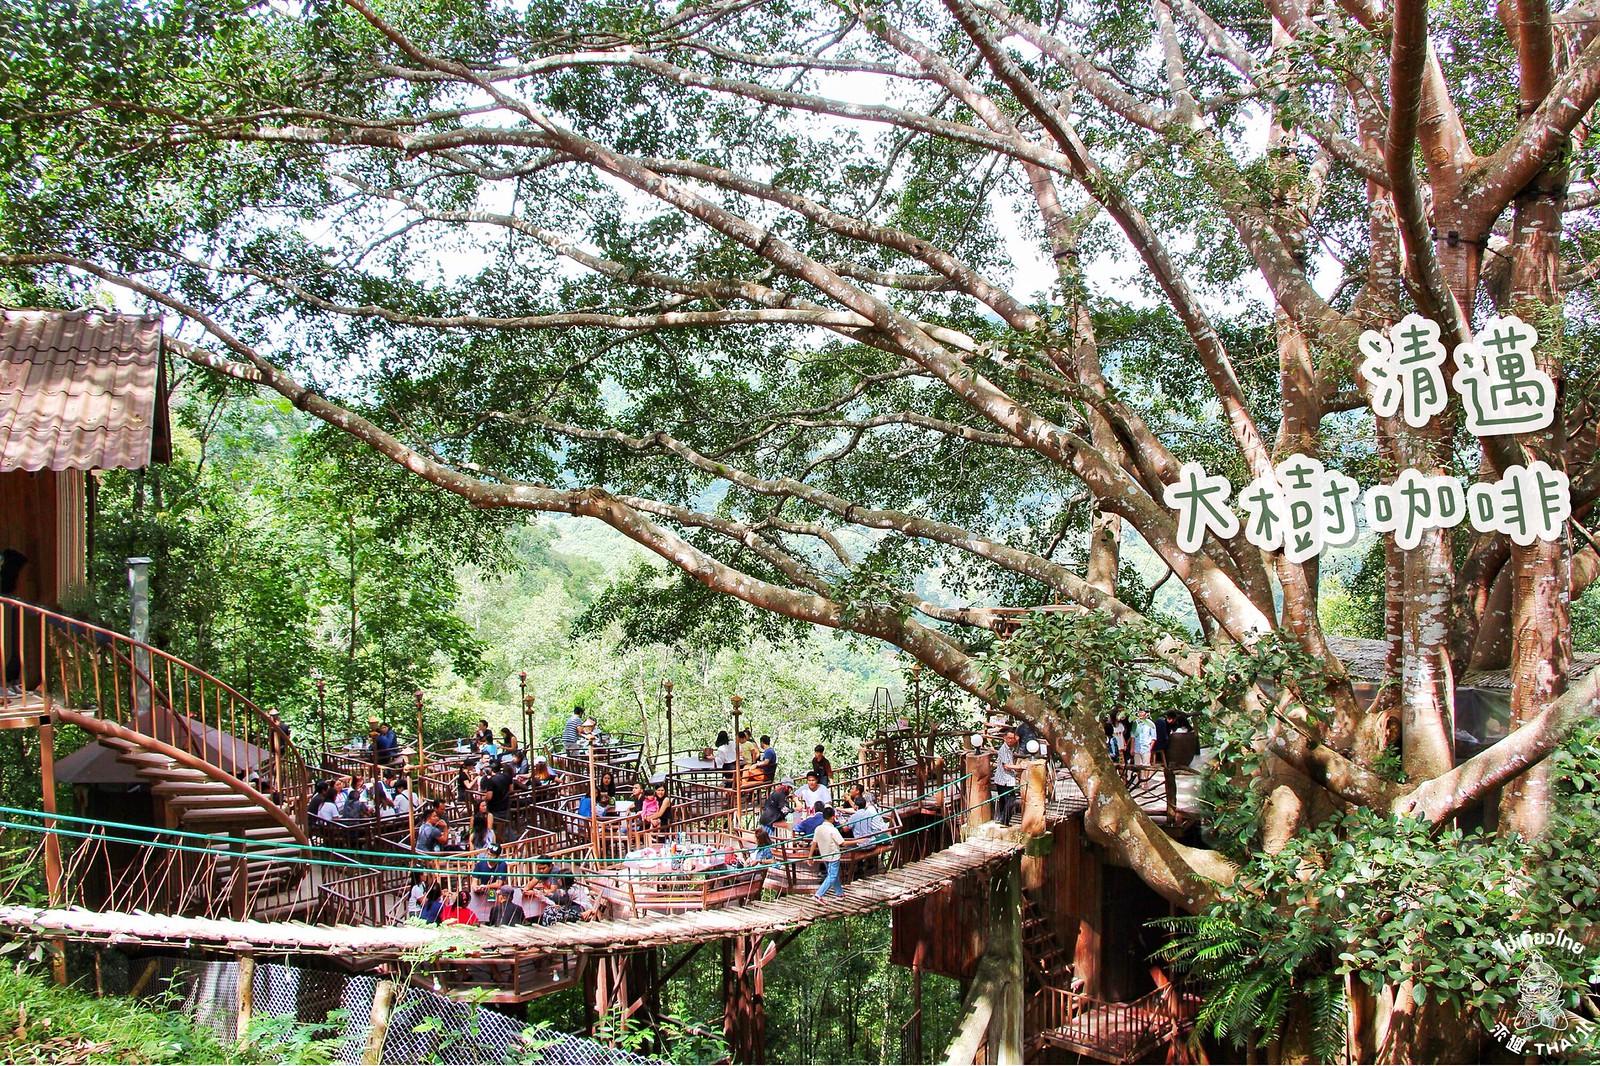 清邁傳奇。《大樹咖啡 The Giant Chiangmai》